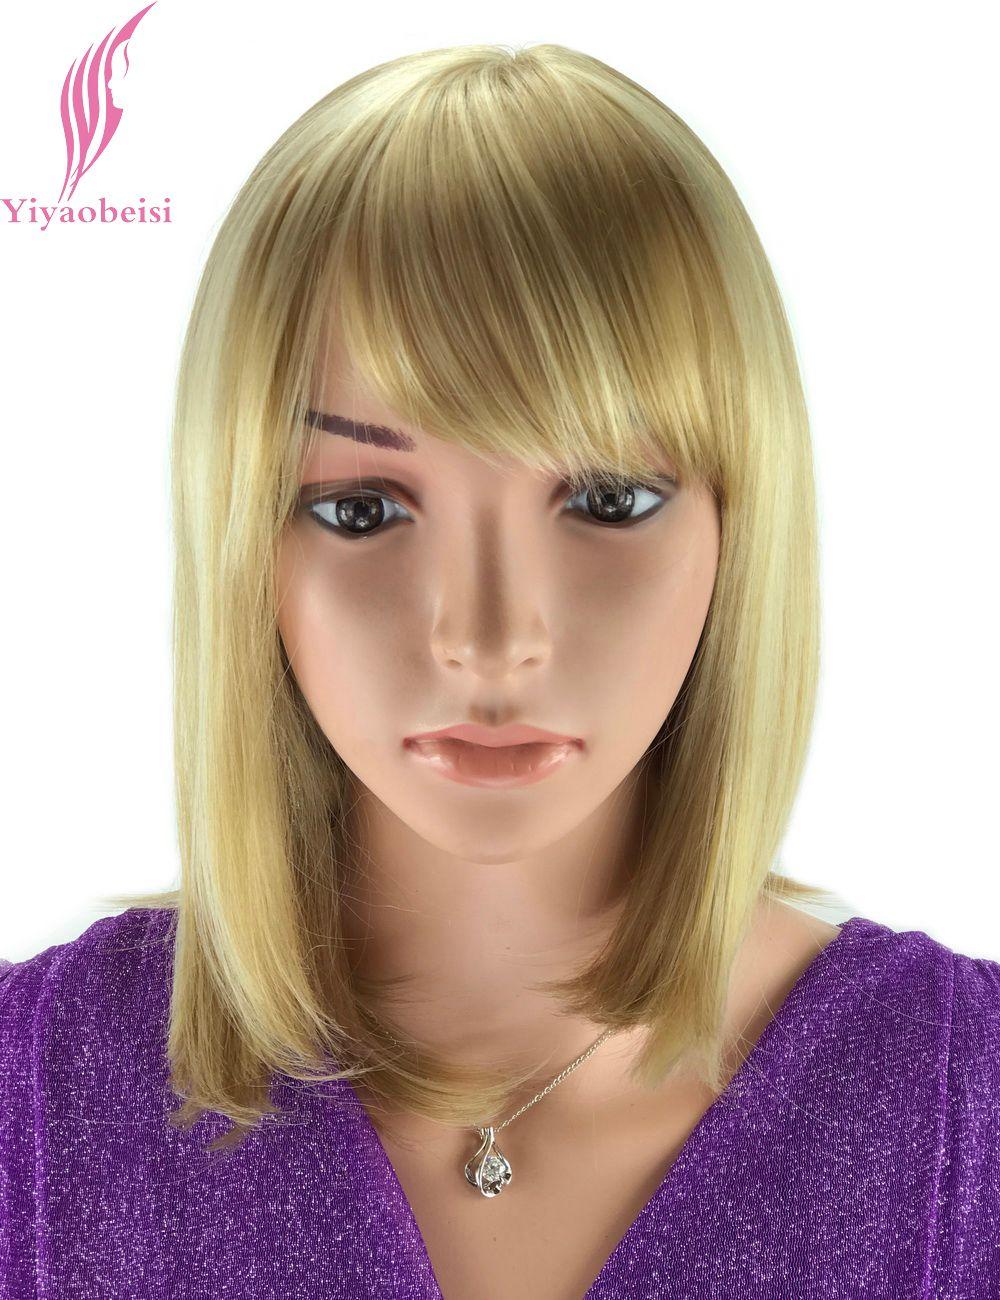 Yiyaobess 30 см выделяет блондинка Ombre парик для Для женщин термостойкие синтетические афроамериканец средних Боб Искусственные парики с Синтет...